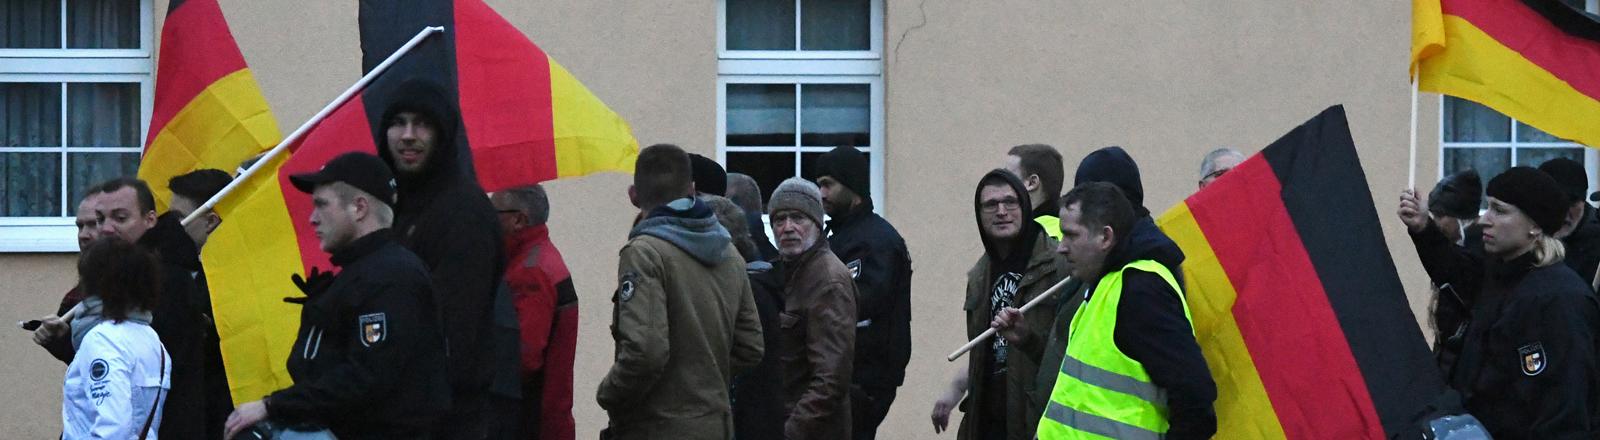 """10.11.2018, Mecklenburg-Vorpommern, Greifswald: Anhänger der Partei Alternative für Deutschland (AfD) laufen bei ihrer Demonstration unter dem Motto """"Nein zum globalen Migrationspakt"""" durch die Altstadt."""